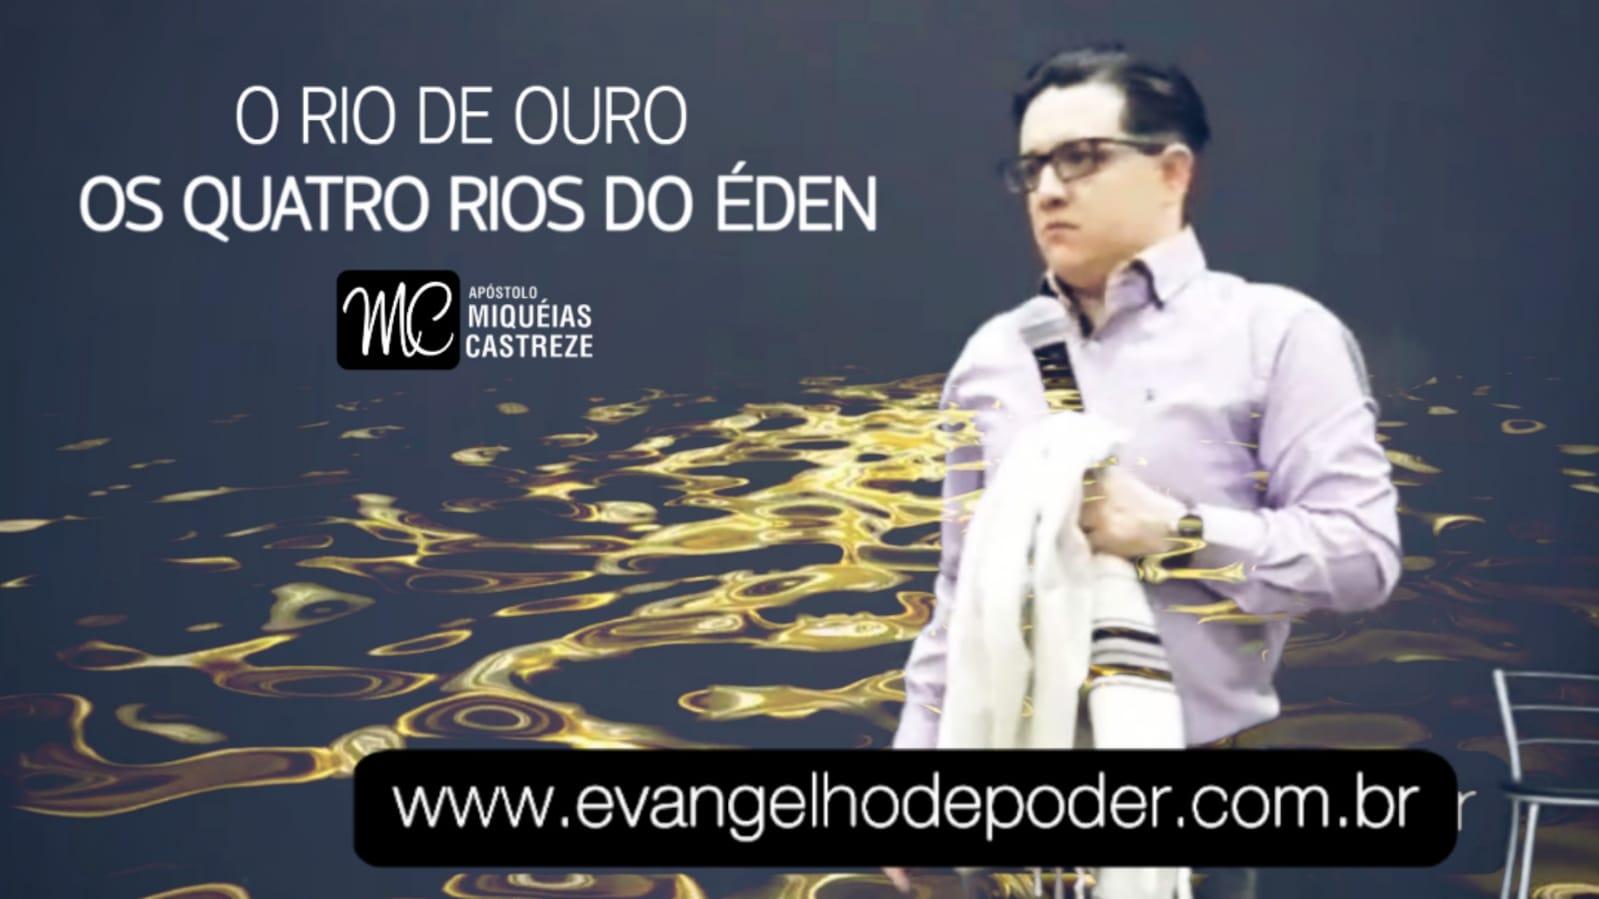 Os Quatro Rios do Eden | O Rio de Ouro | HEAP 59/19 | Ap. Miquéias Castreze